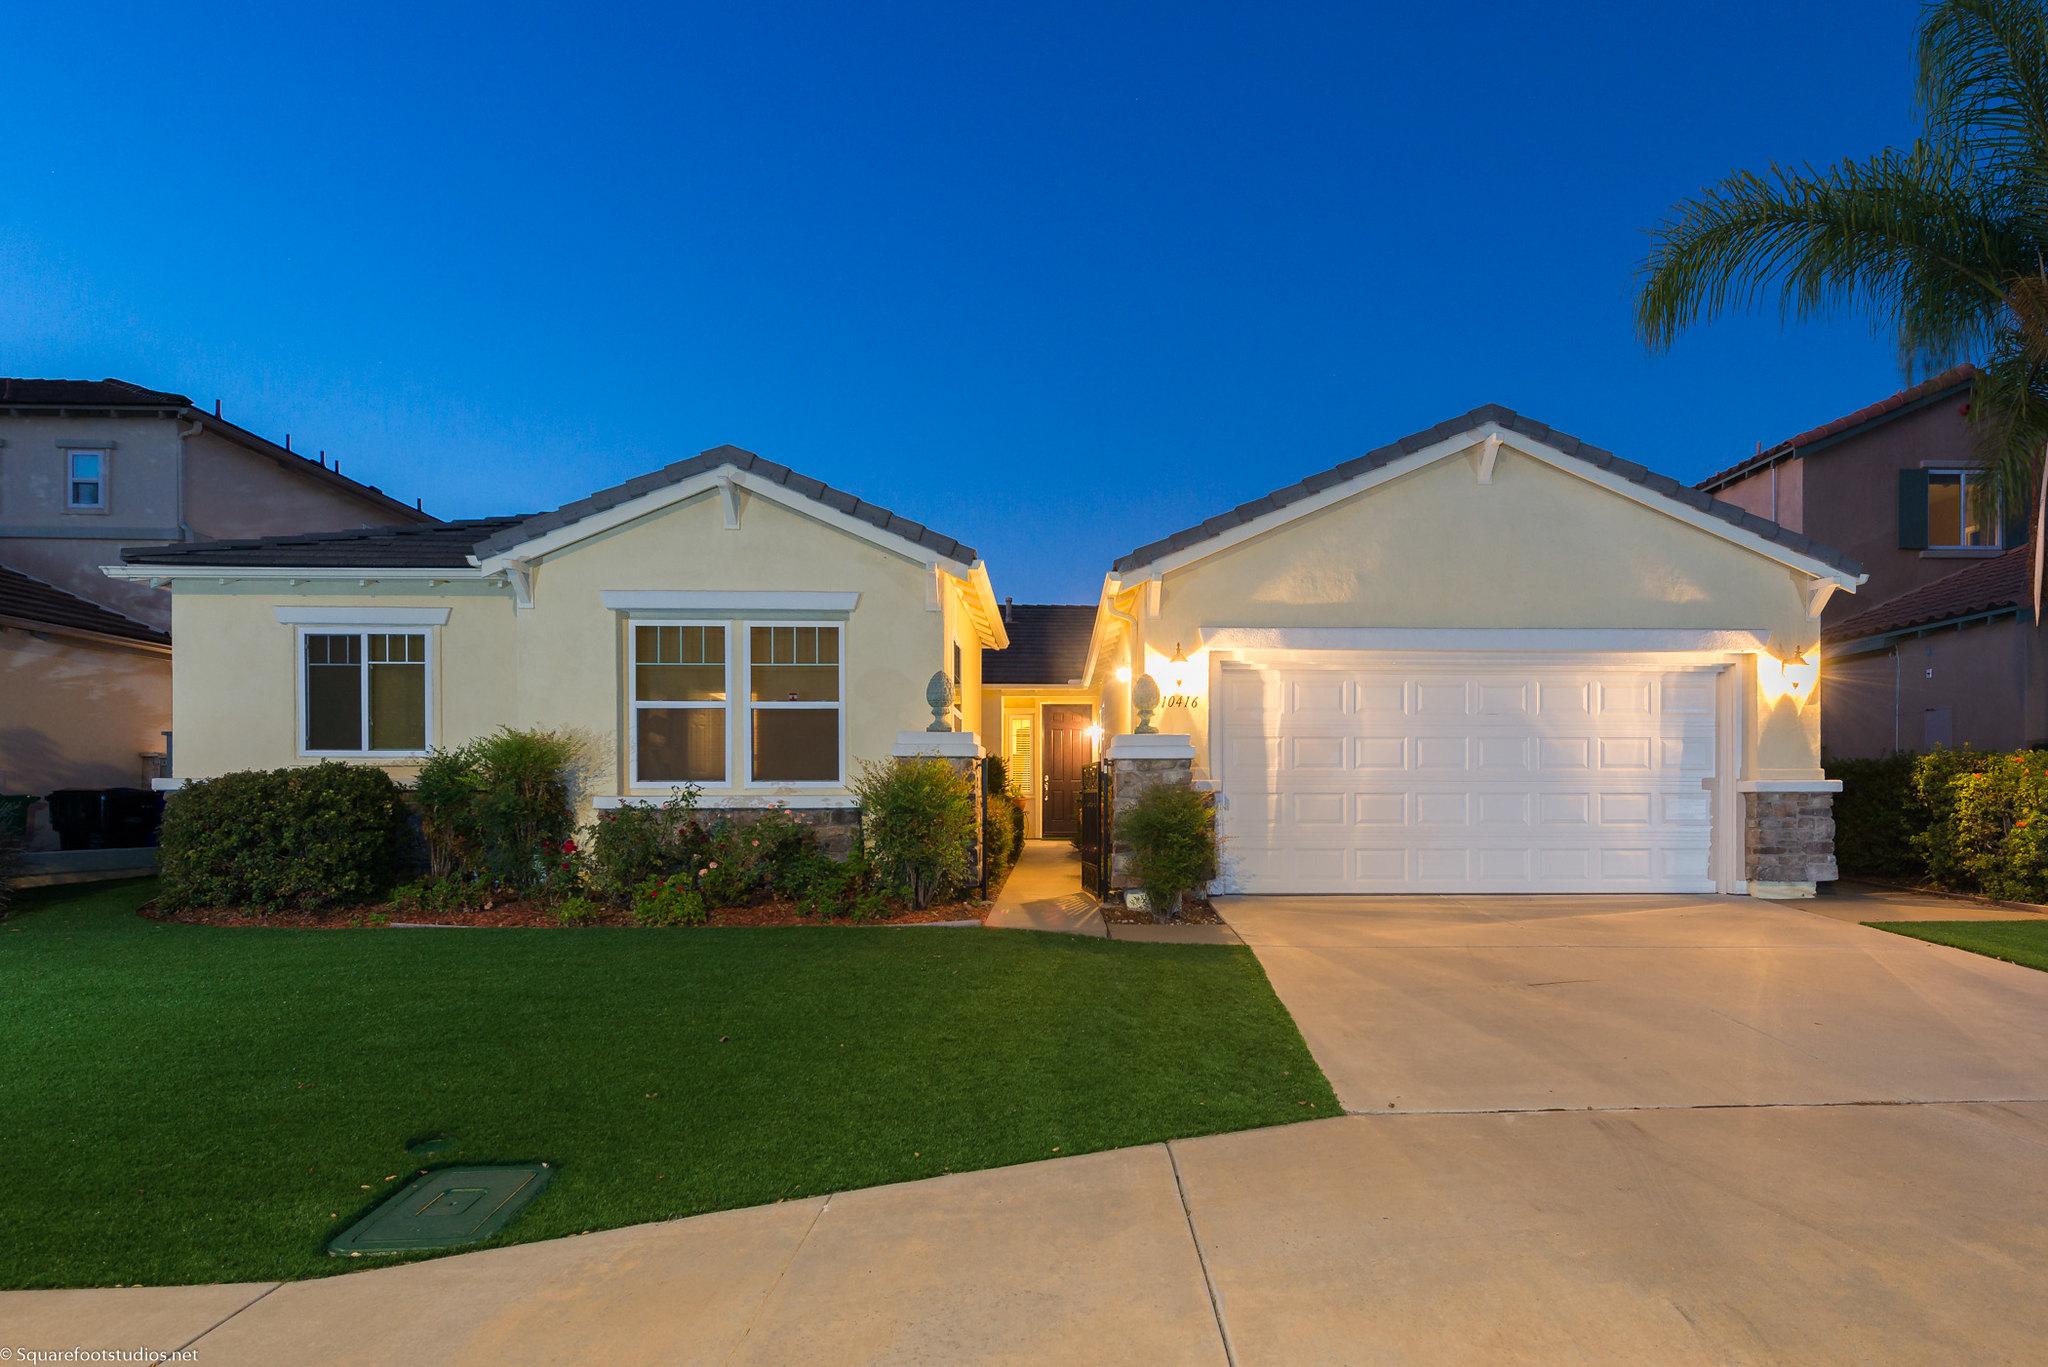 10416 McKinney Court, Scripps Ranch, San Diego, CA 92131